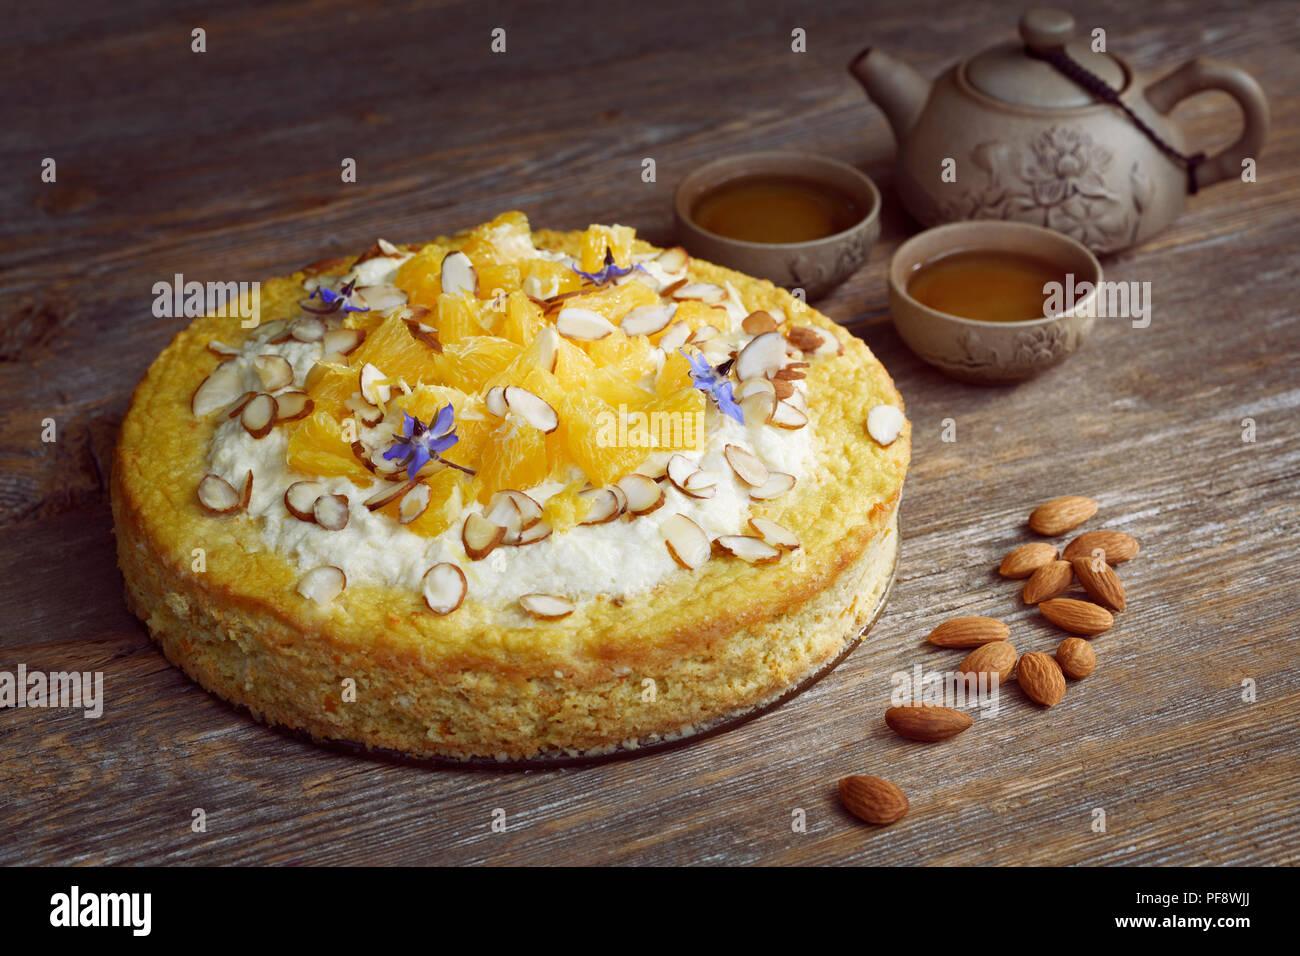 Una sana fatta in casa flourless, senza zucchero, dairy-free vegan torta a base di farina di mandorle, arance e noci di cocco, cibo artistico ancora in vita con una teiera di argilla Immagini Stock